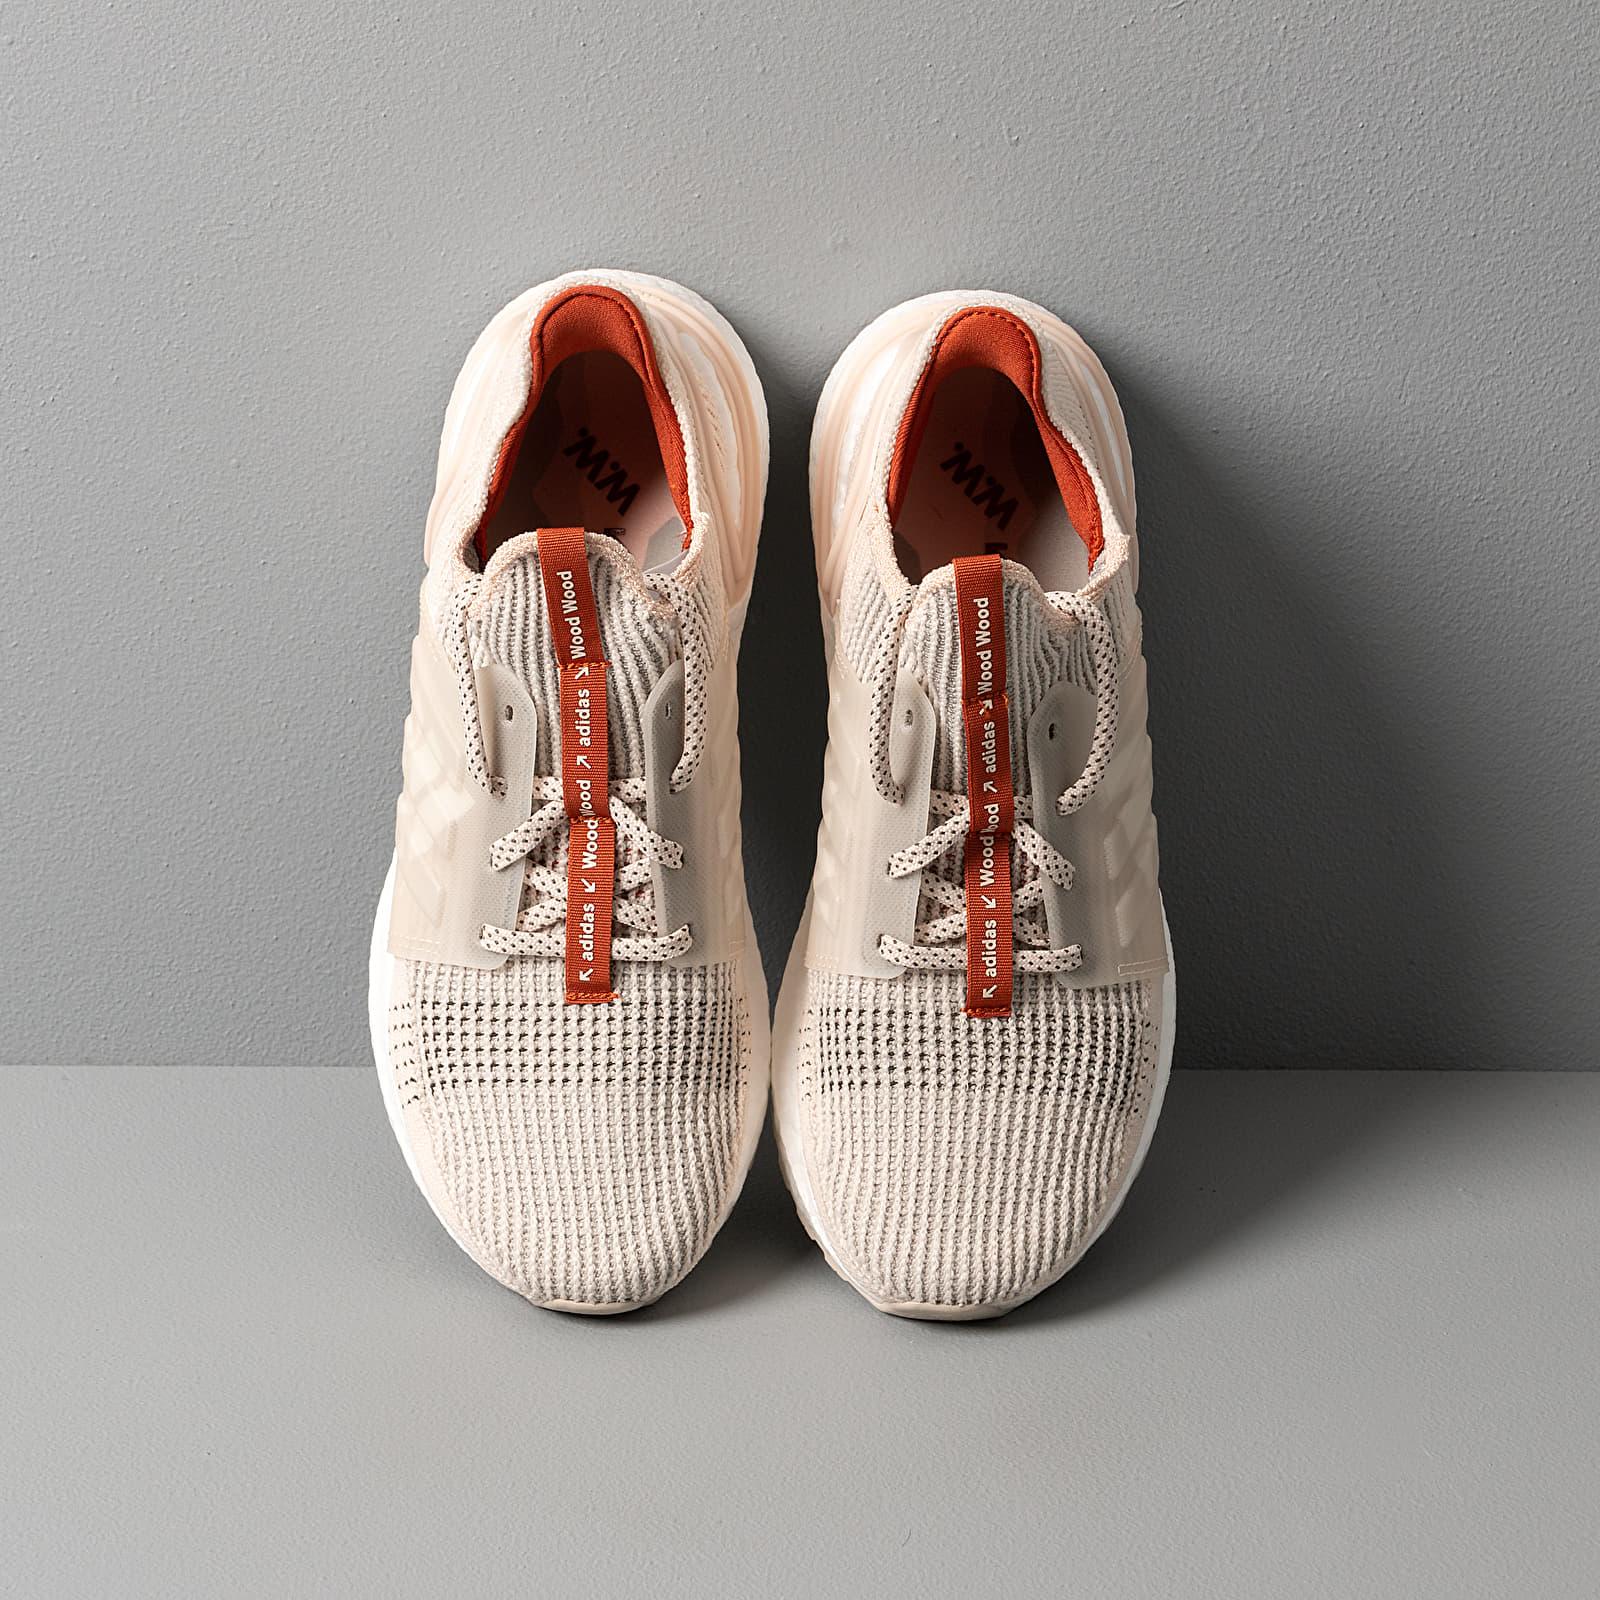 Adidas Ultraboost 19 x Wood Wood